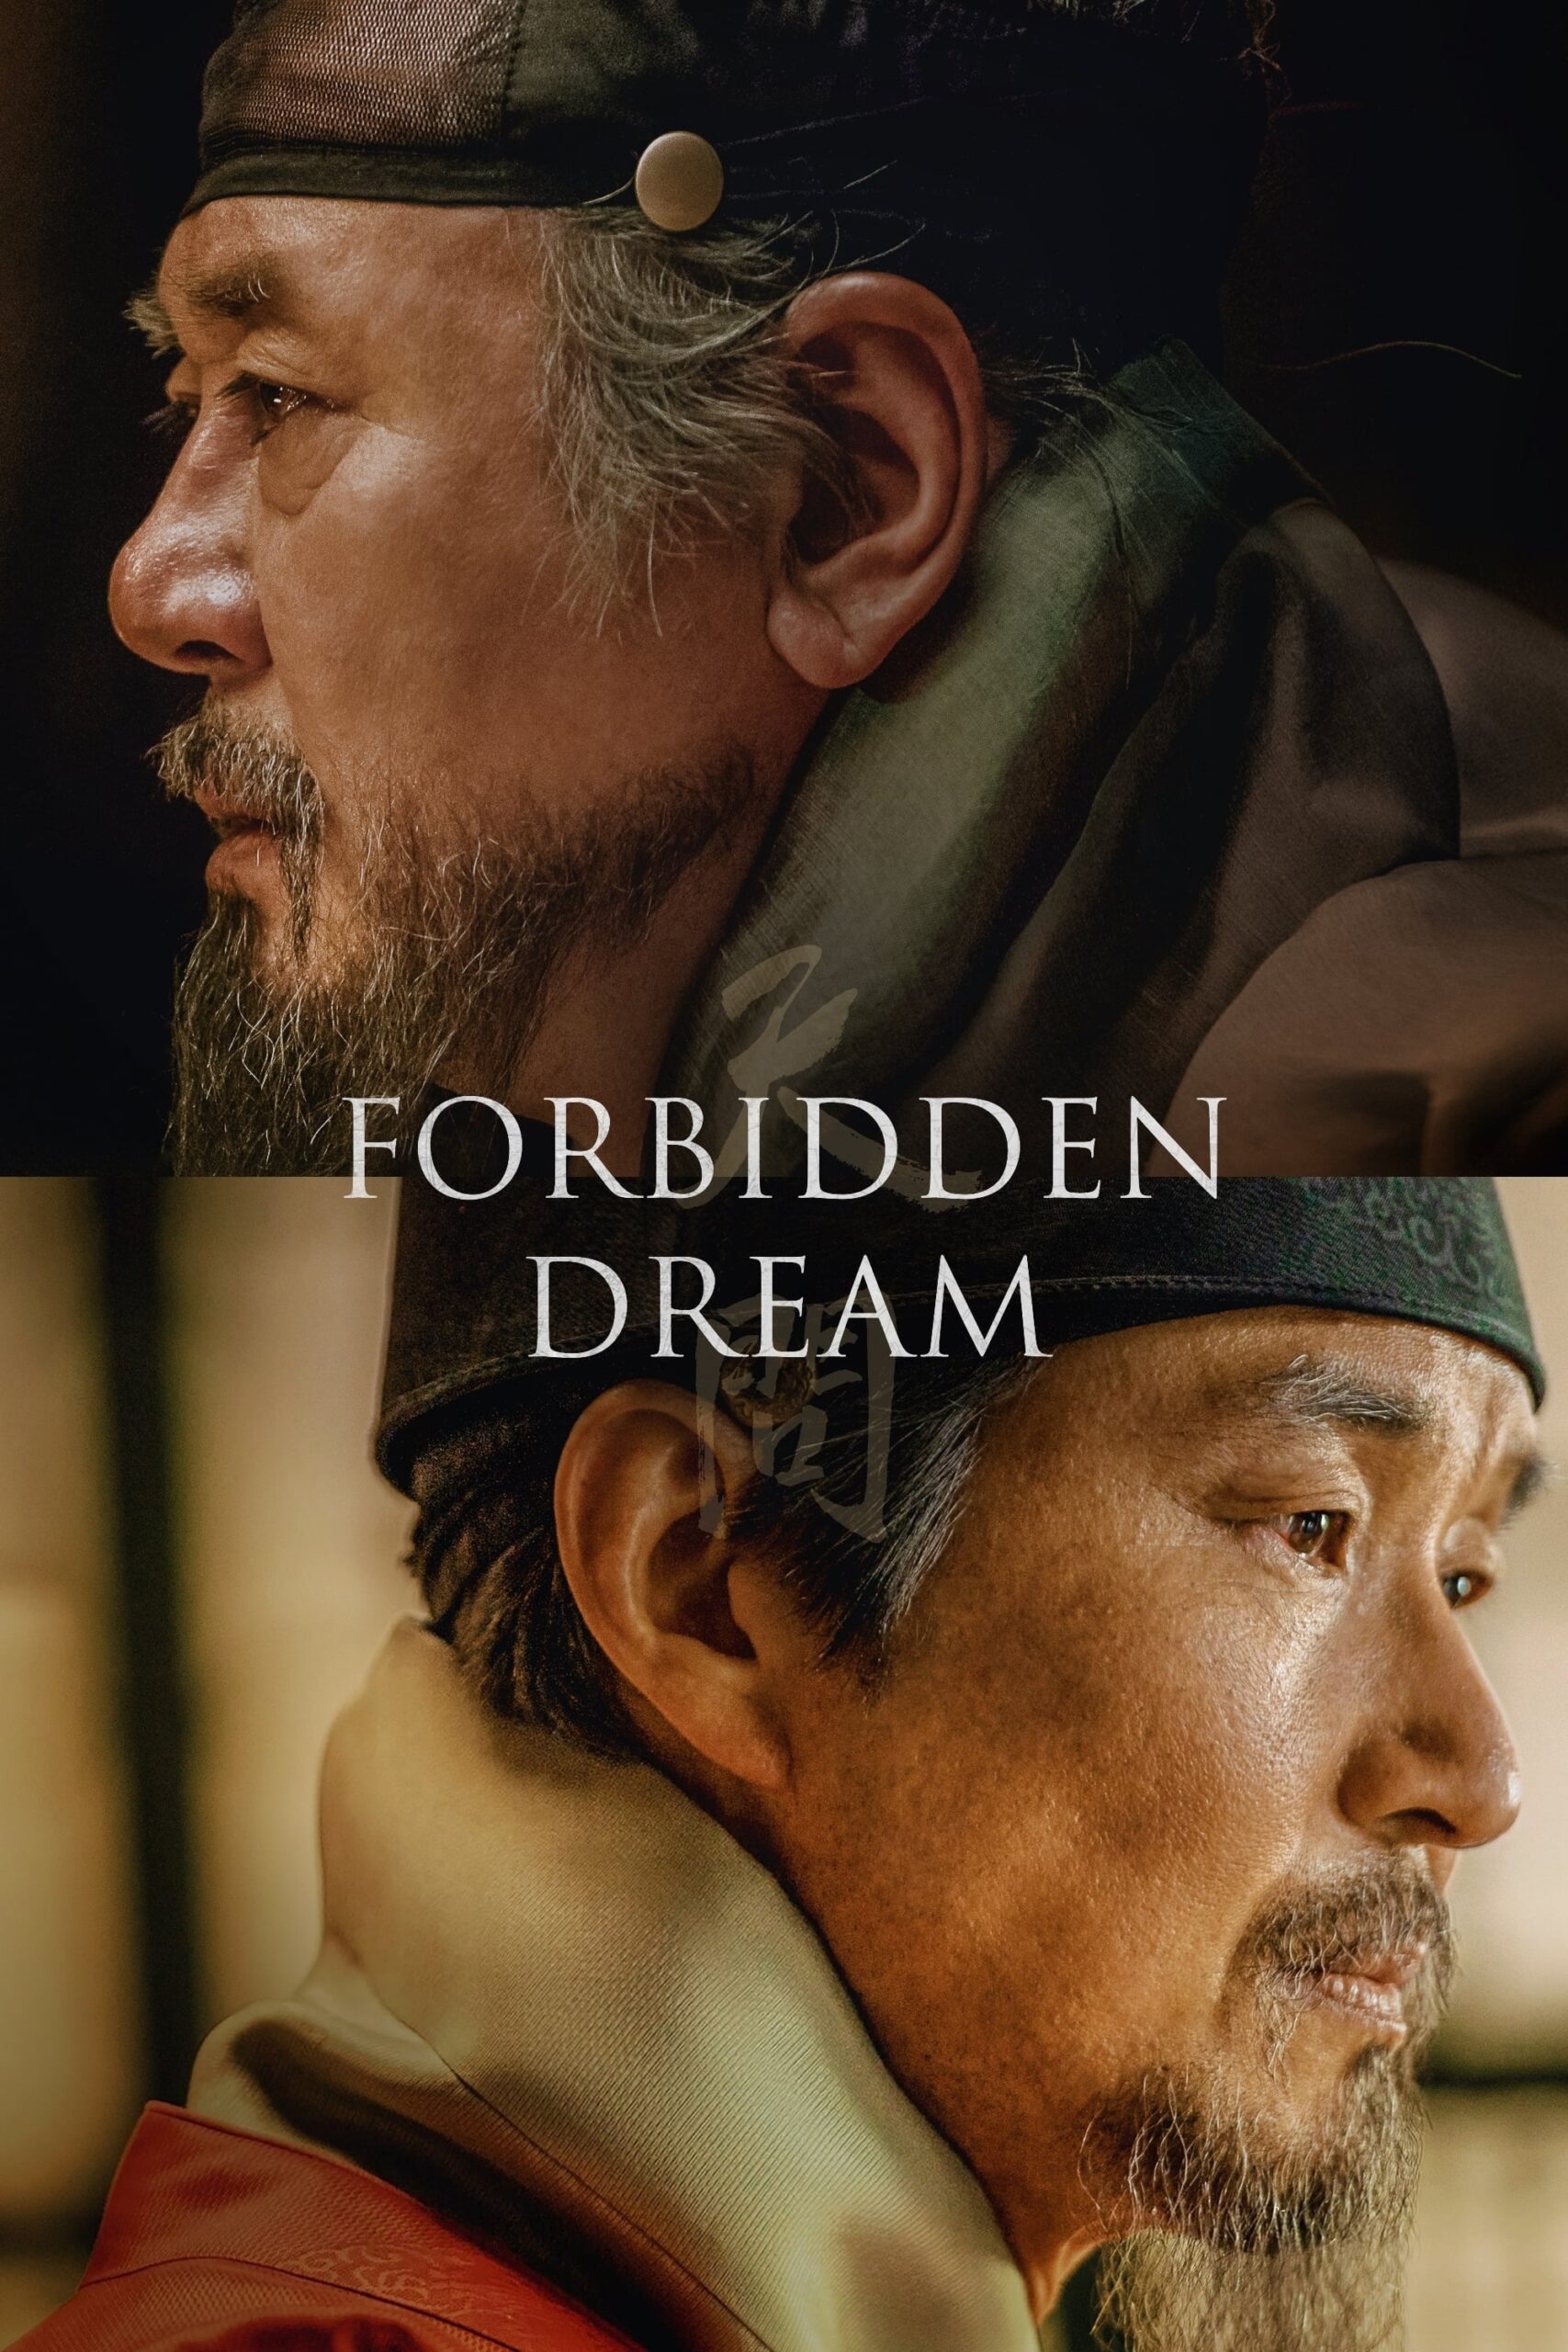 Forbidden Dream Movie Streaming Online Watch on Tubi